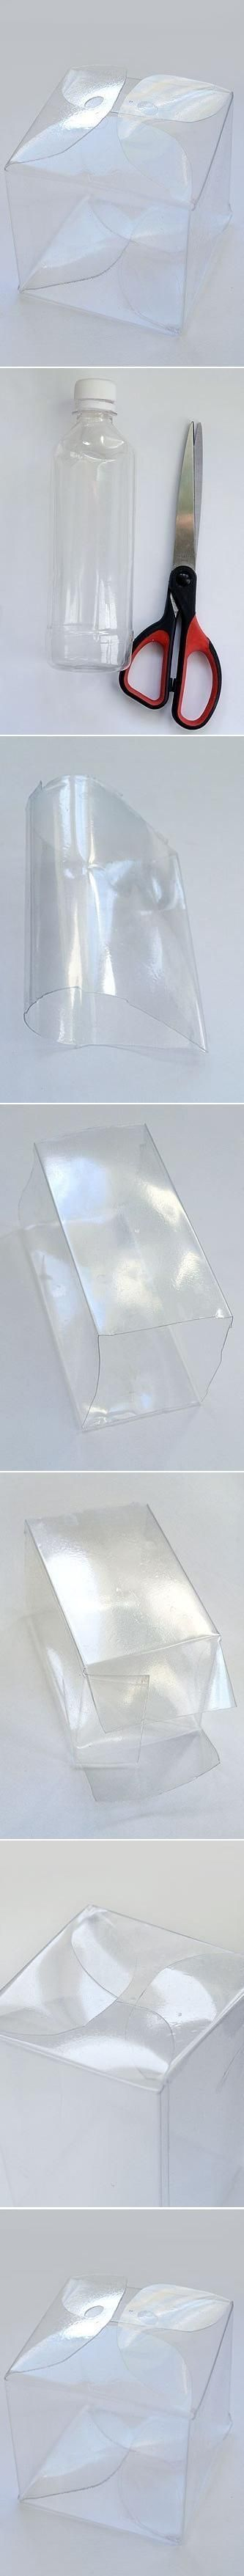 plastik siseden kare kutu nasil yapilir